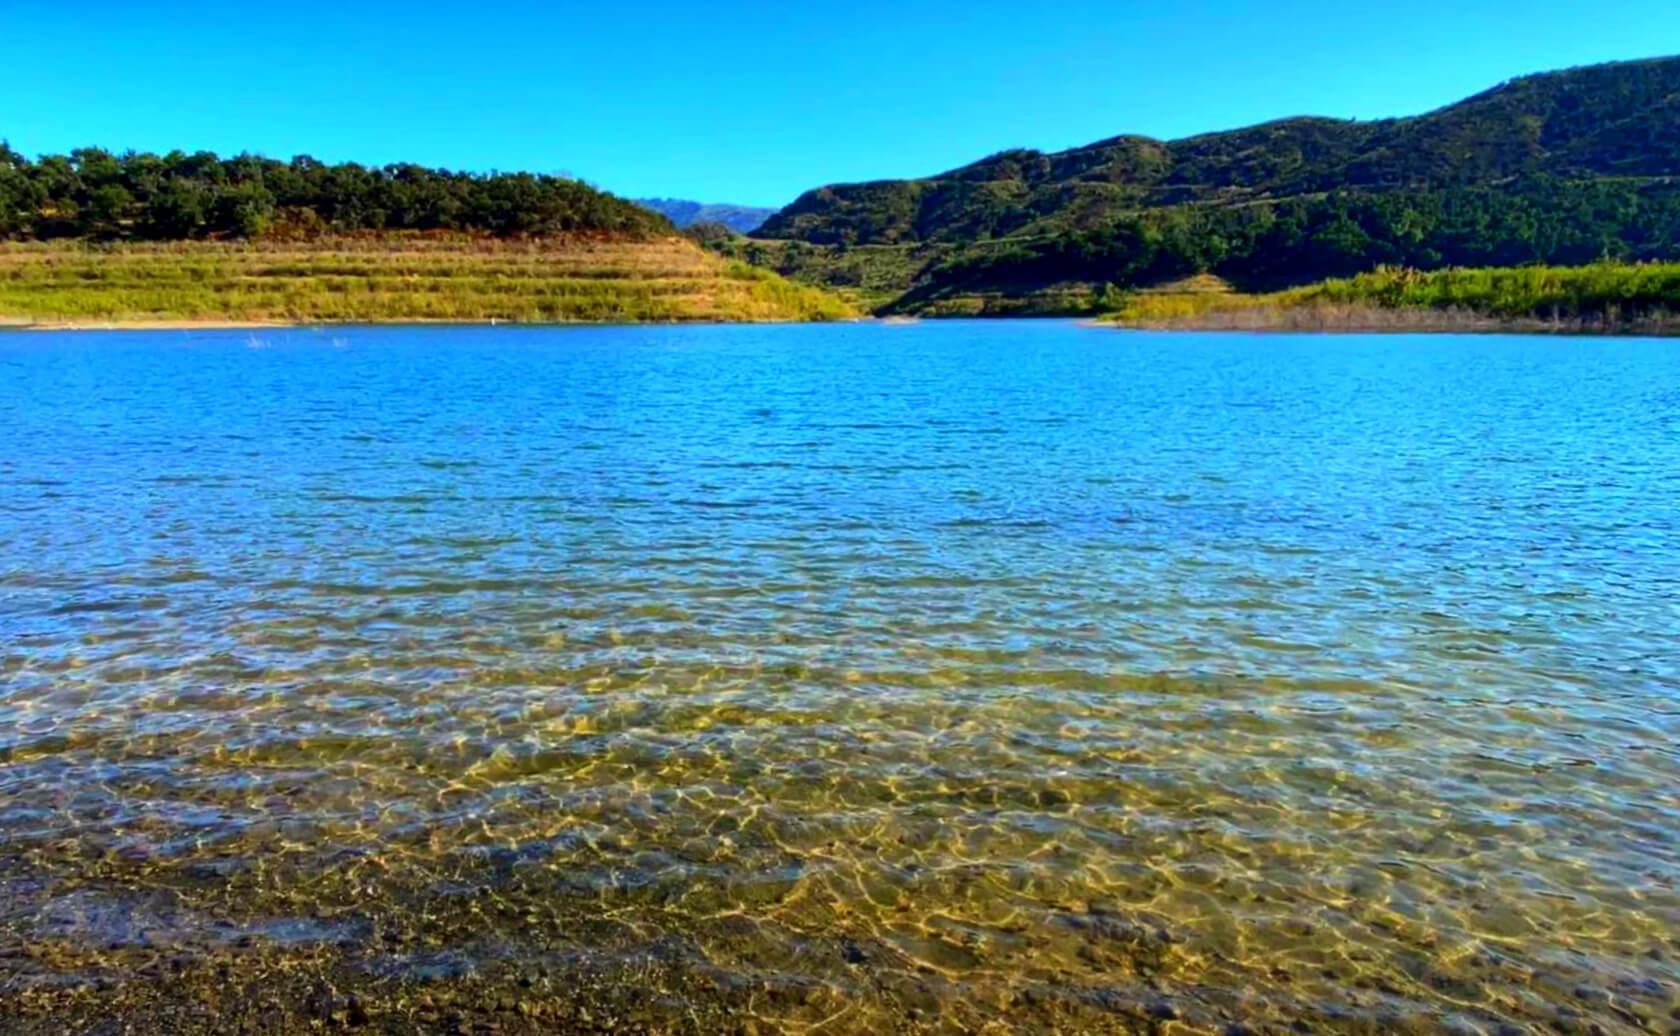 Casitas-Lake-Fishing-Guide-Report-California-04